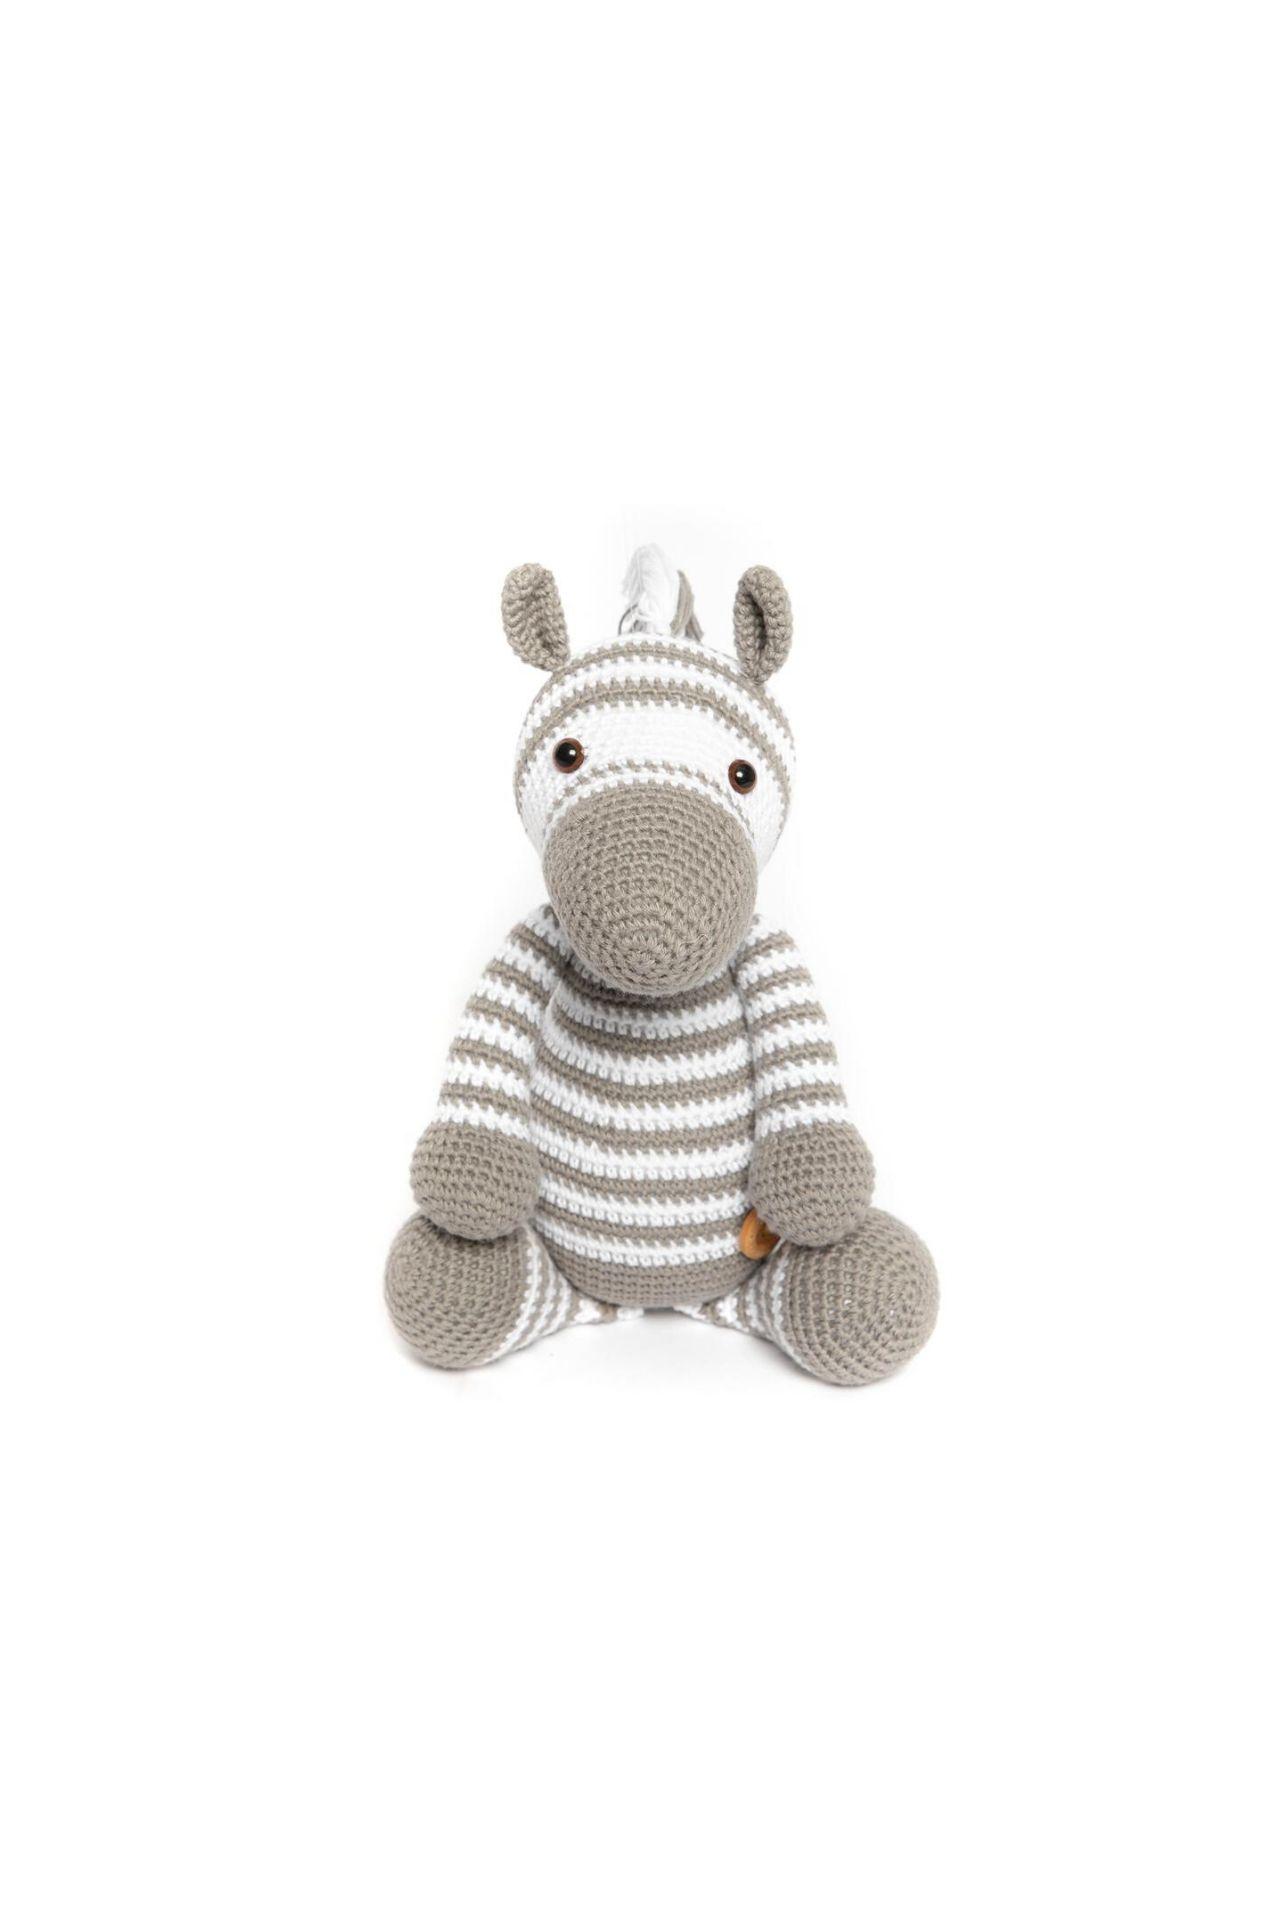 Muñeco de Apego en forma de animalitos tejidos a mano en hilos de algodón.